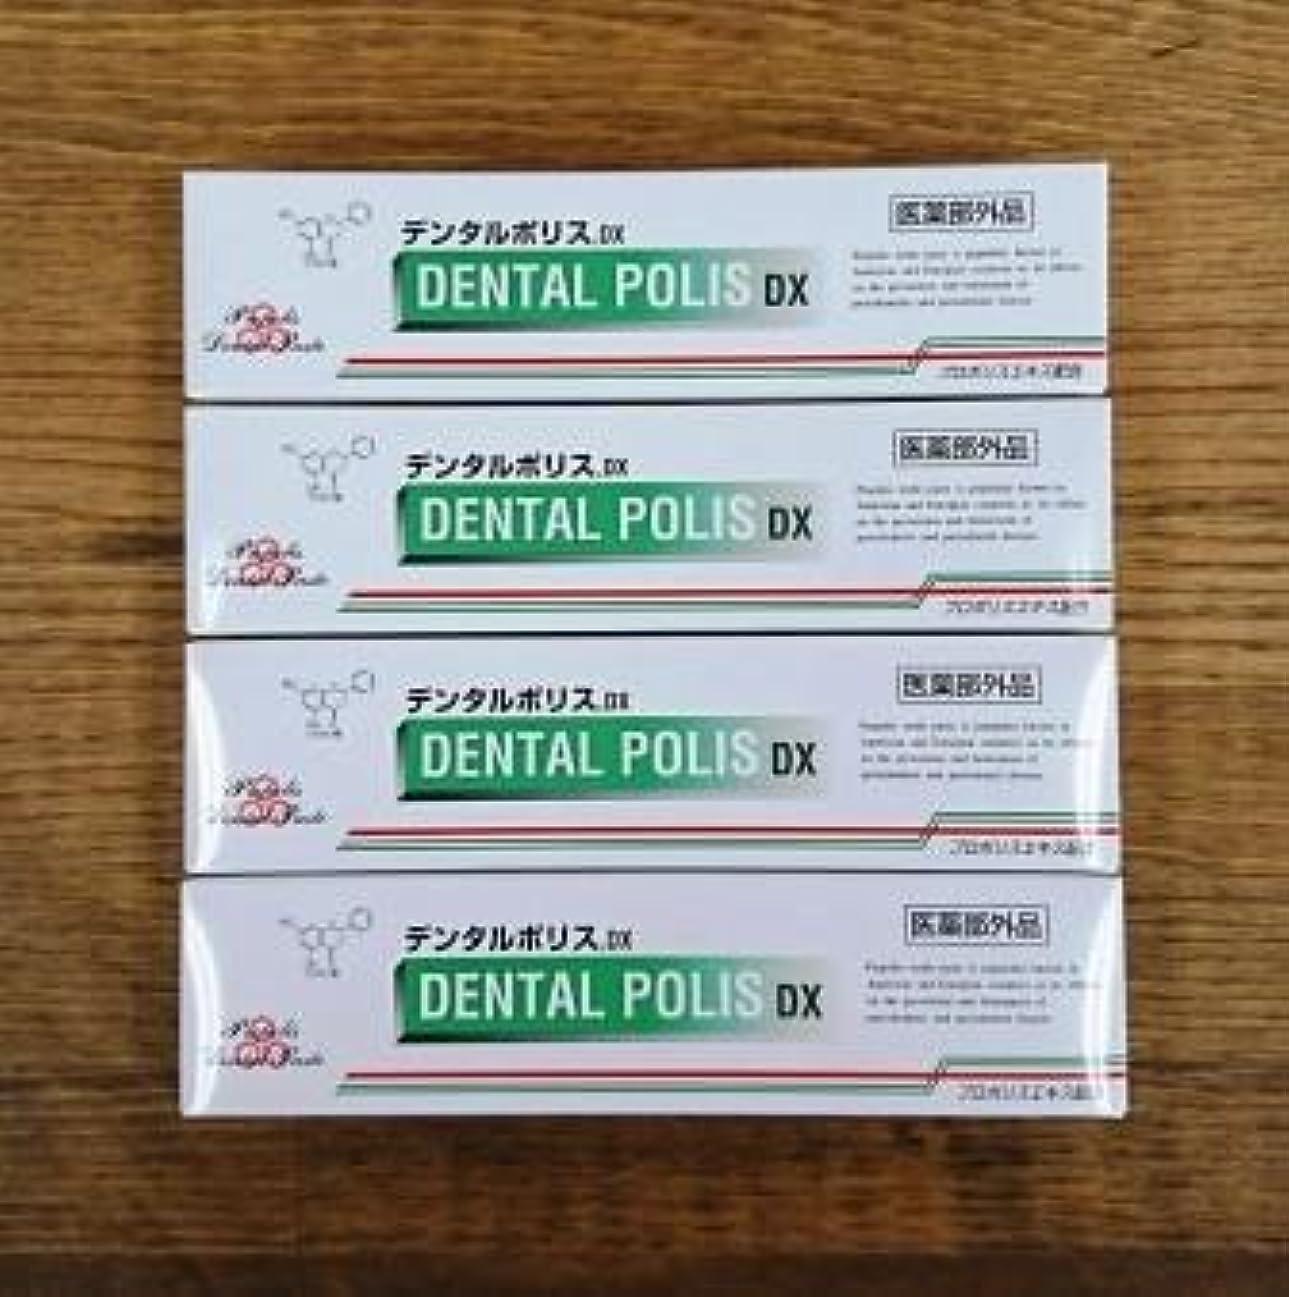 負荷祖先階段デンタルポリスDX80g×4本セット 医薬部外品  歯みがき